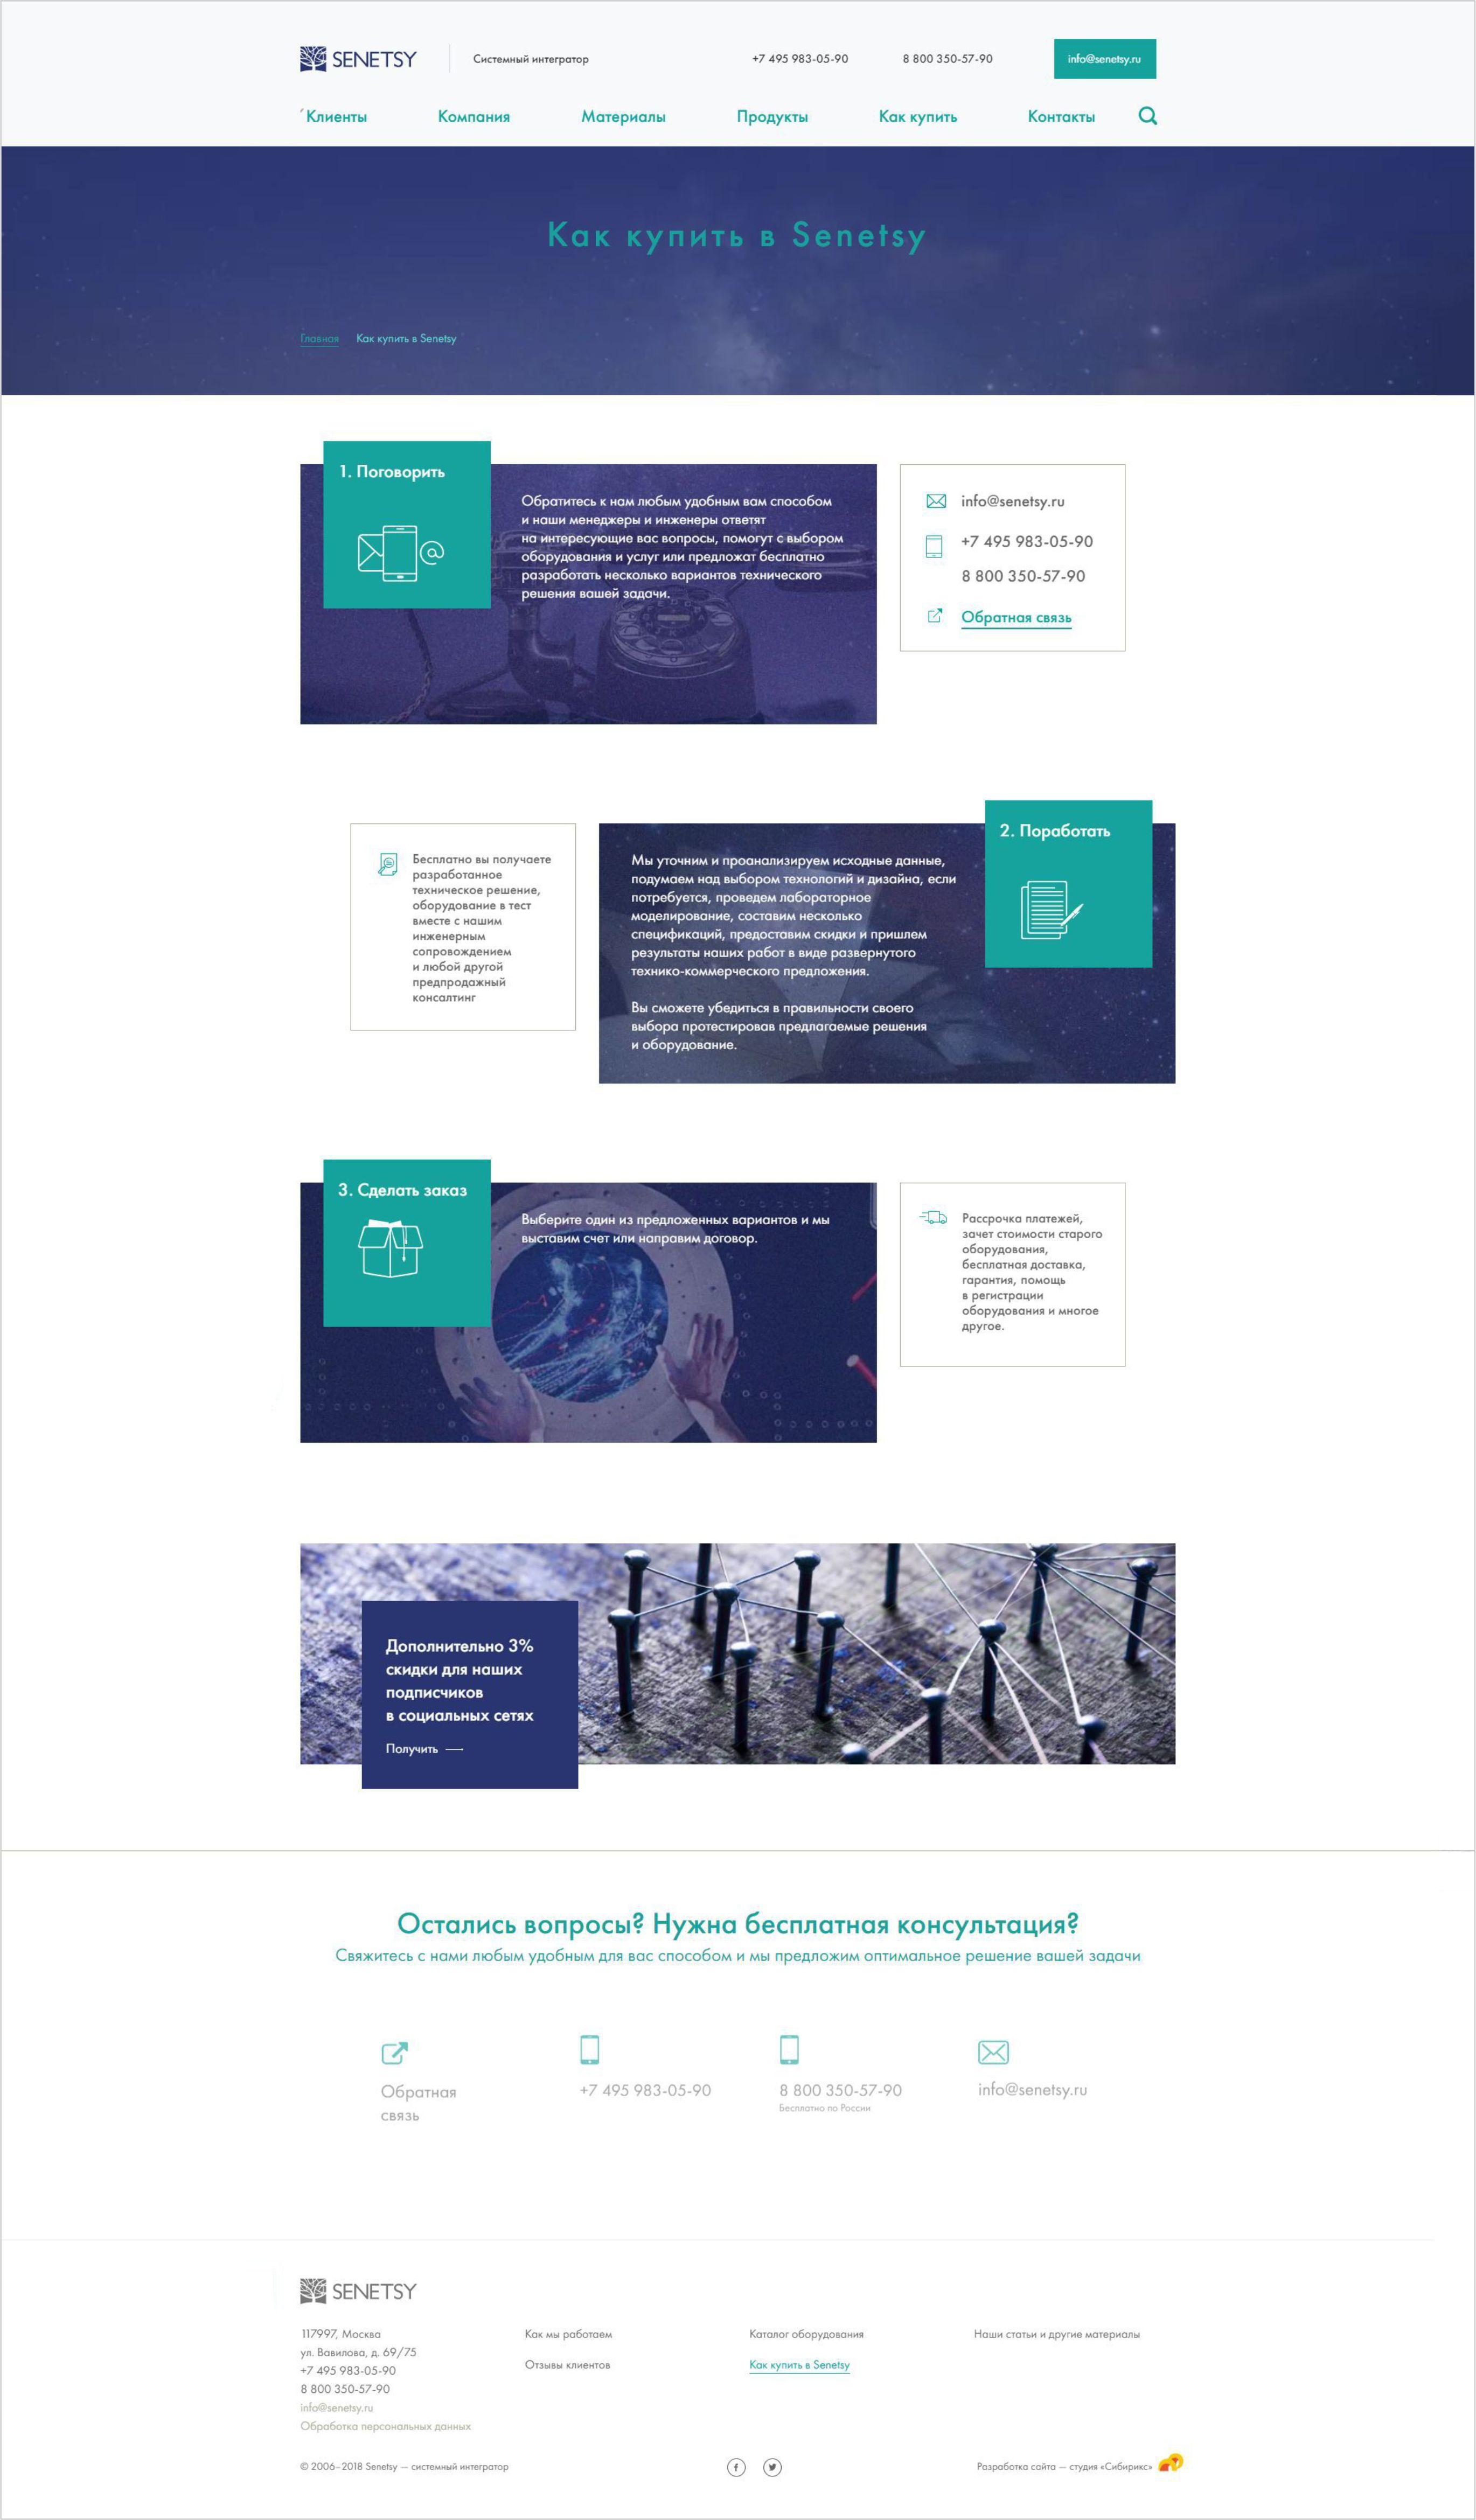 <p>Обычные текстовые страницы— слишком просто для <del> космоса </del> системного интегратора, поэтому информация настраницах «Компания» и«Как купить» выводится иллюстрированными блоками.</p>